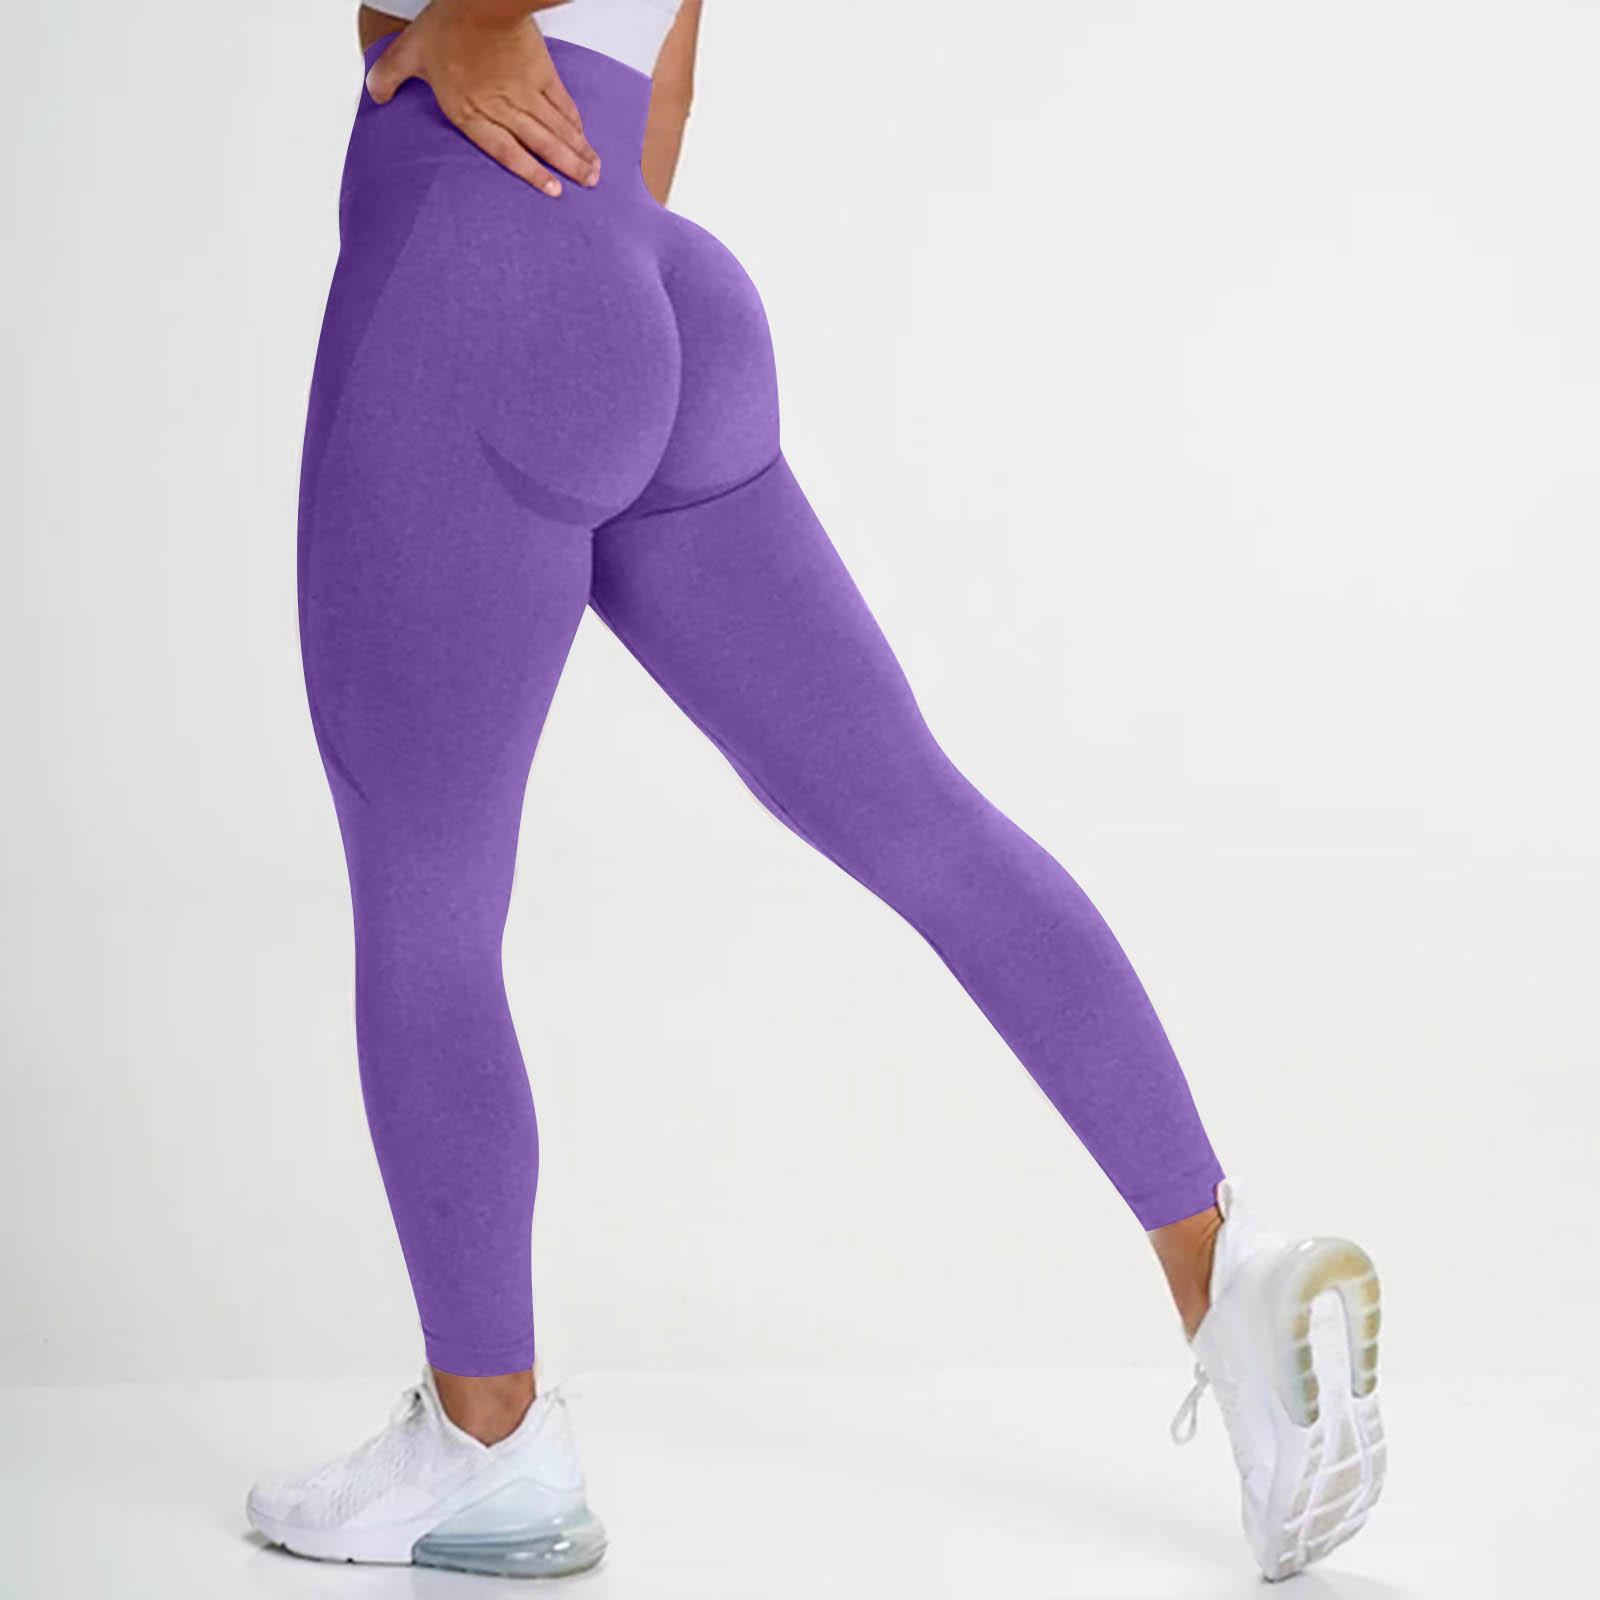 تشكيل إمرأة سلس اليوغا السراويل عالية الخصر جيم تجريب البطن السيطرة اللياقة البدنية تشغيل طماق الرياضة بعقب رفع طماق القميص